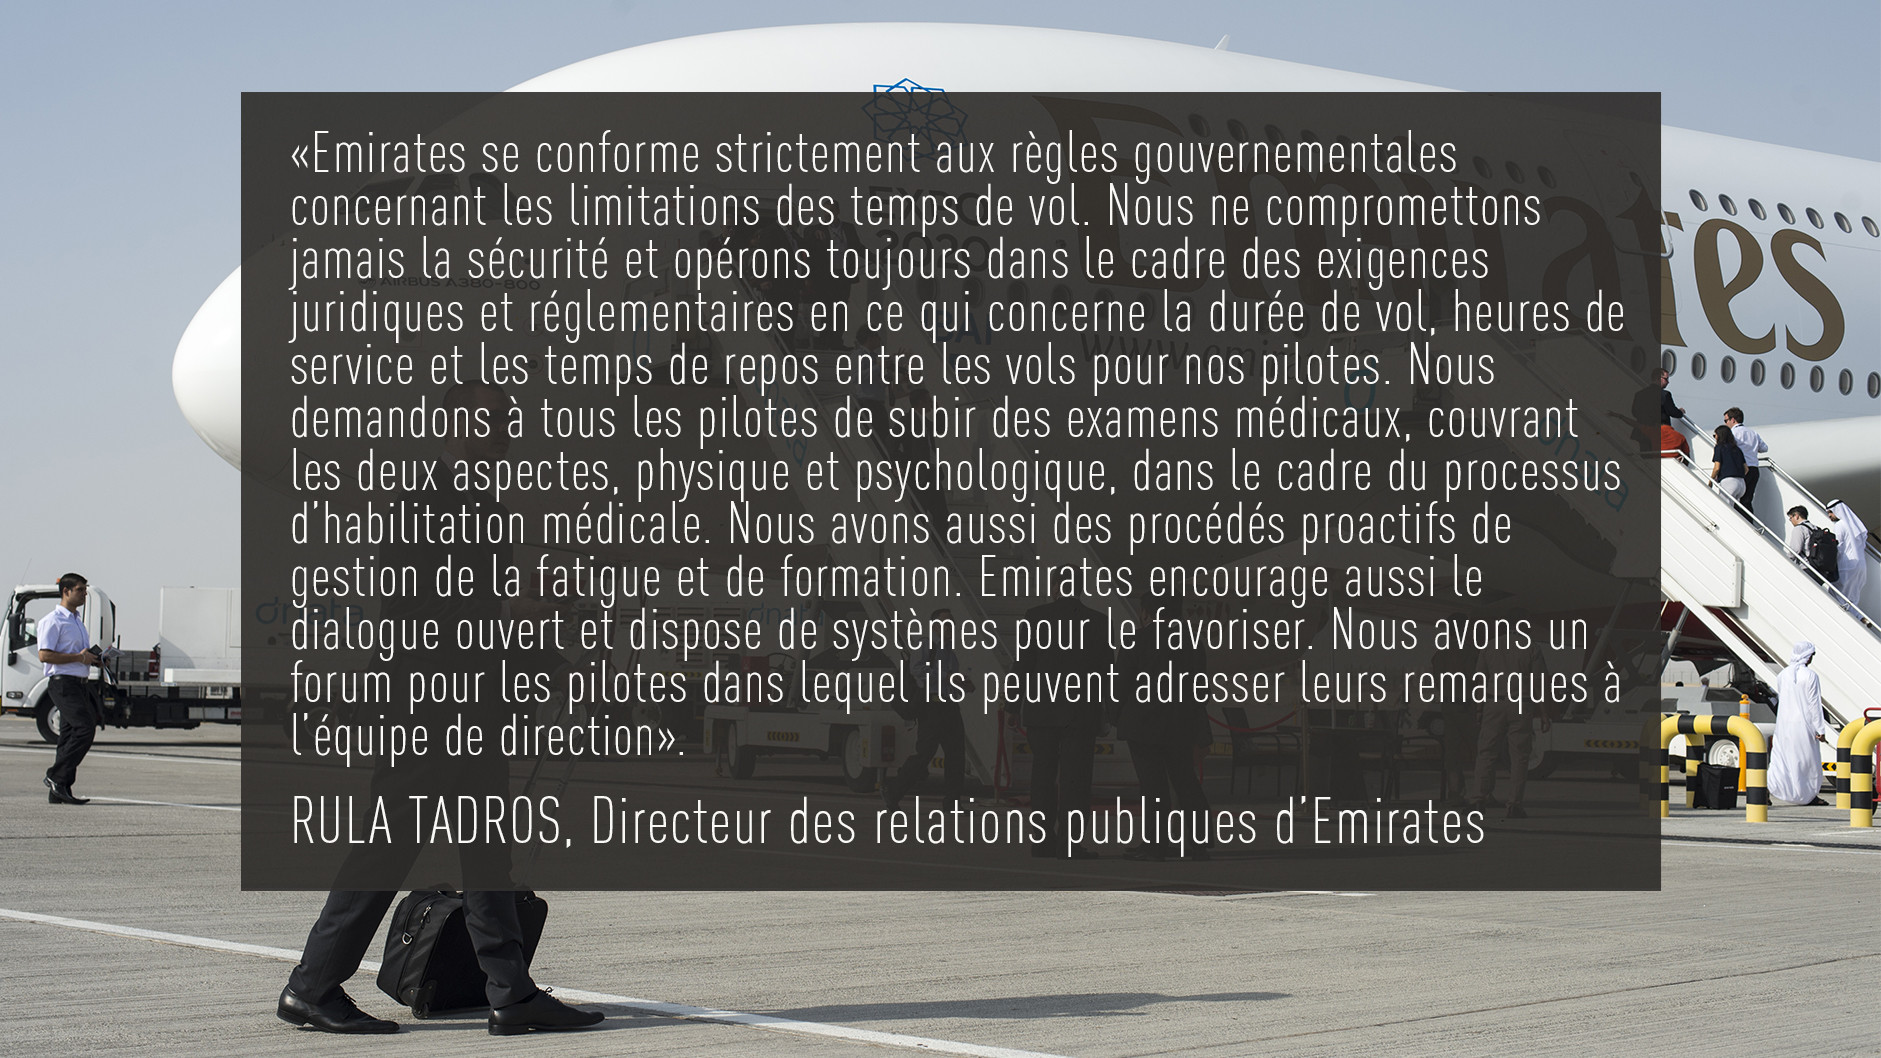 Le surmenage des pilotes de FlyDubaï n'est pas isolé, ceux d'Emirates le sont aussi (EXCLUSIF)